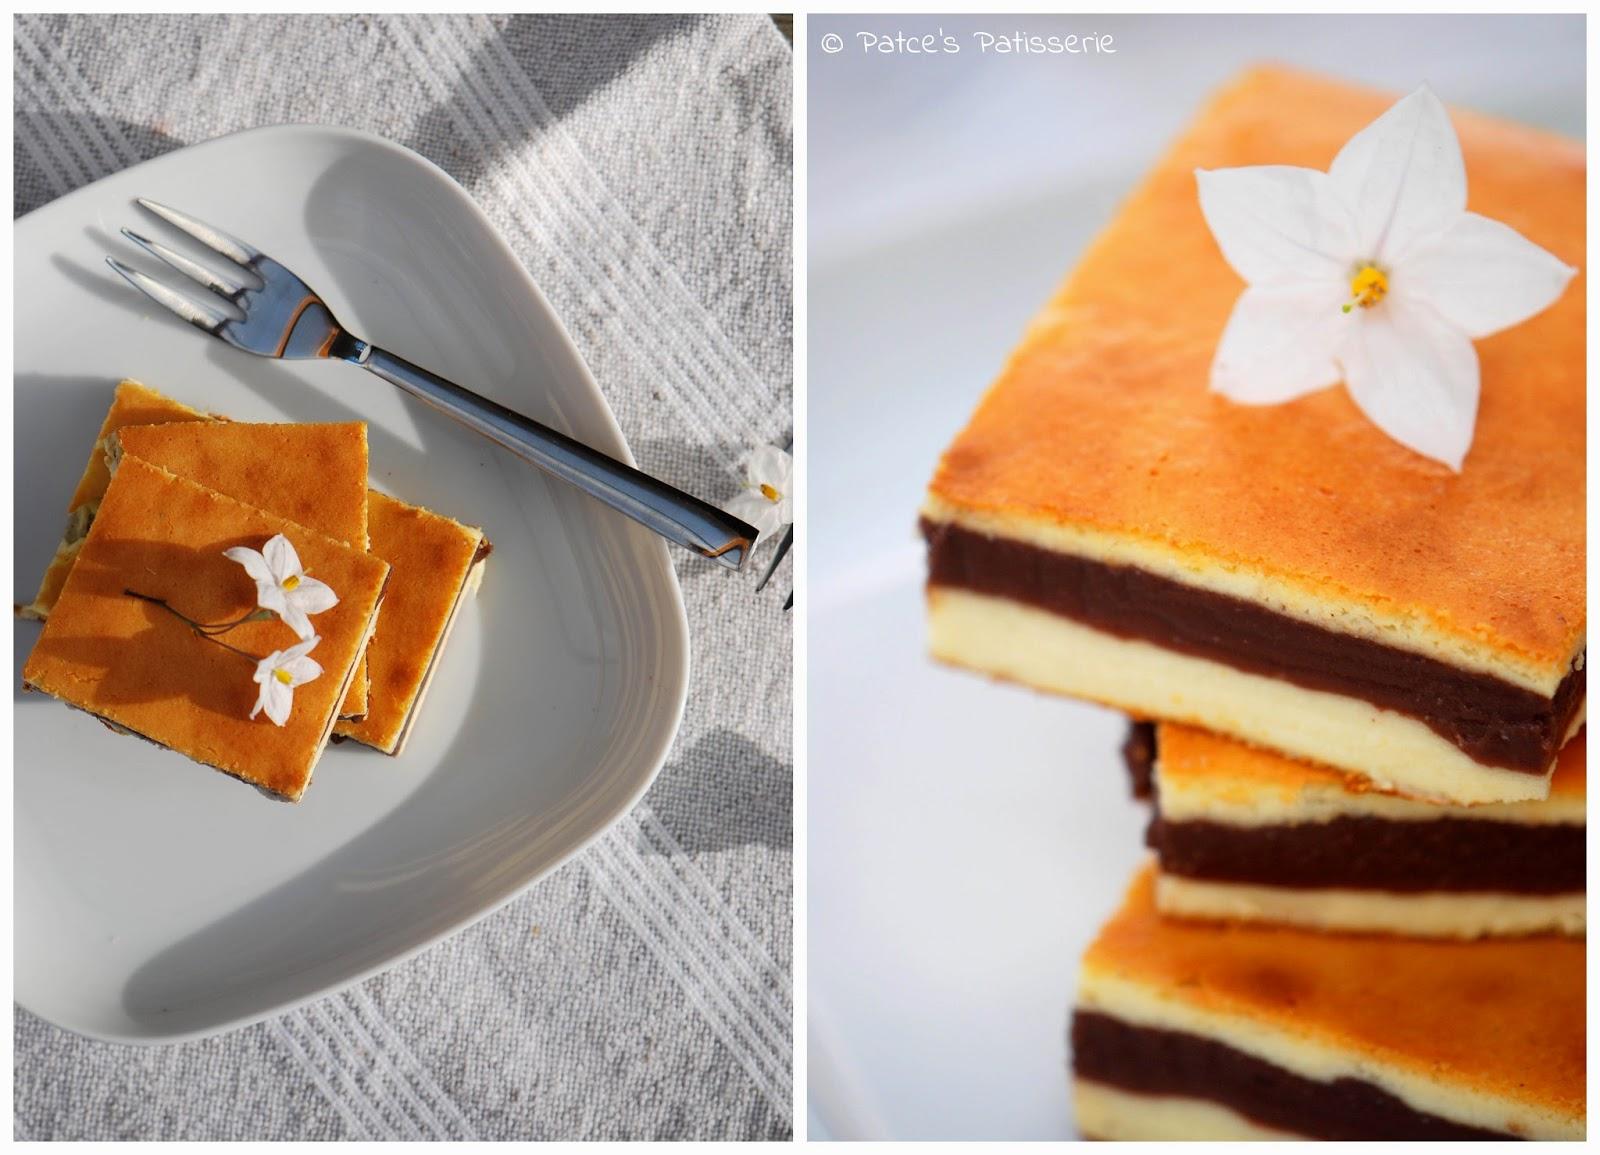 patces patisserie k sekuchen mit cremiger schokoladenschicht. Black Bedroom Furniture Sets. Home Design Ideas